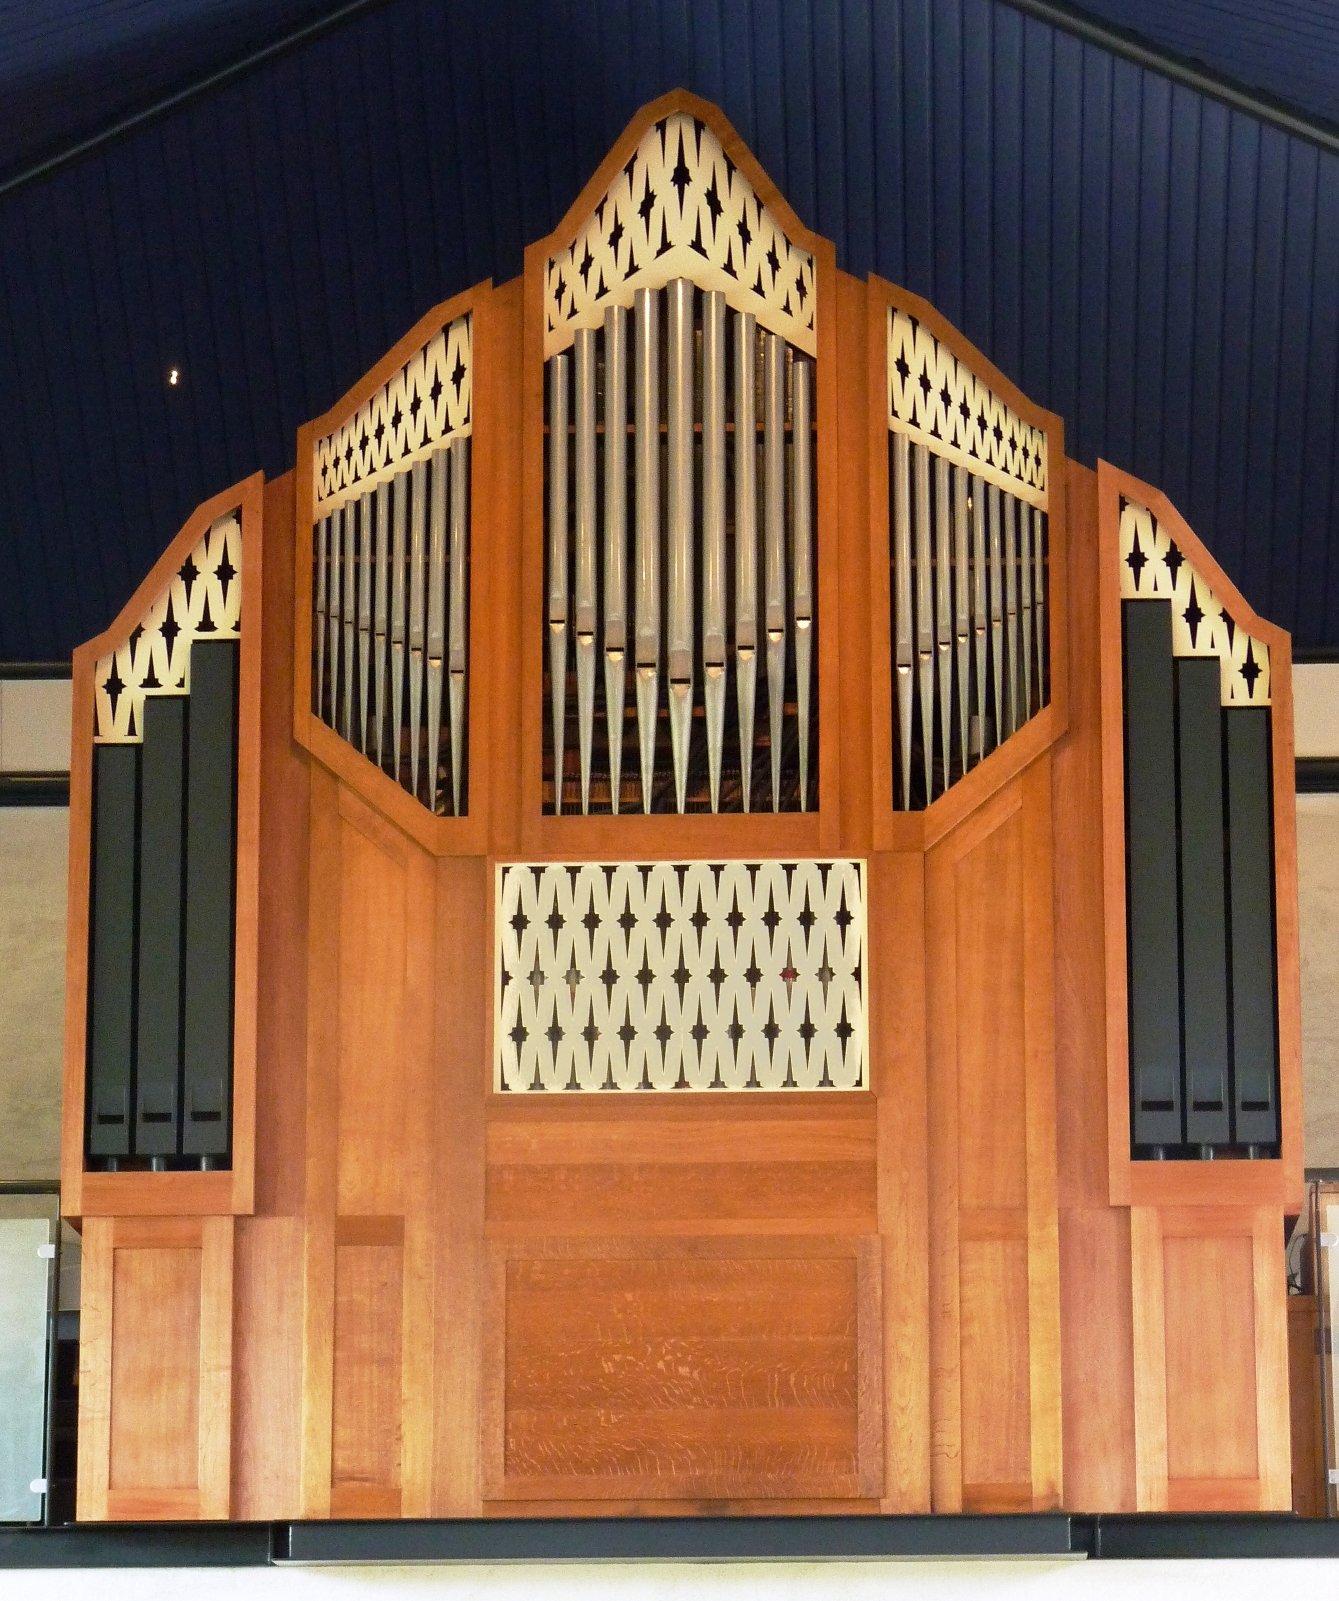 Orgelfront sinds 2012